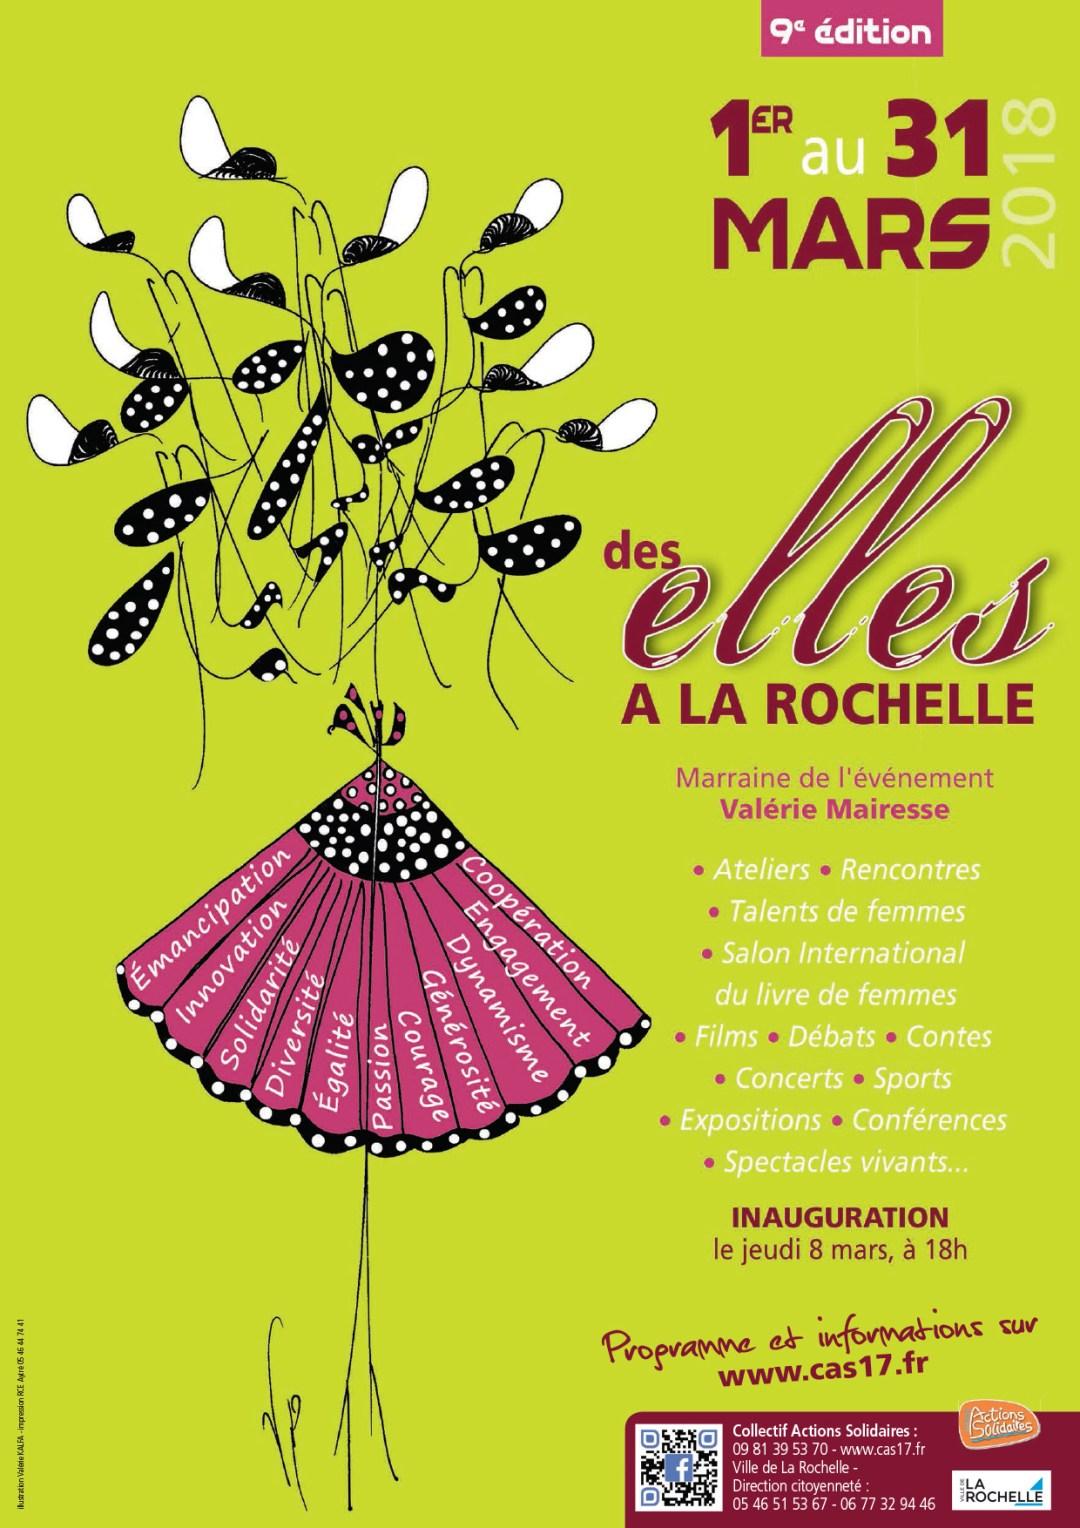 Affiche Des ELLES à La Rochelle 2018